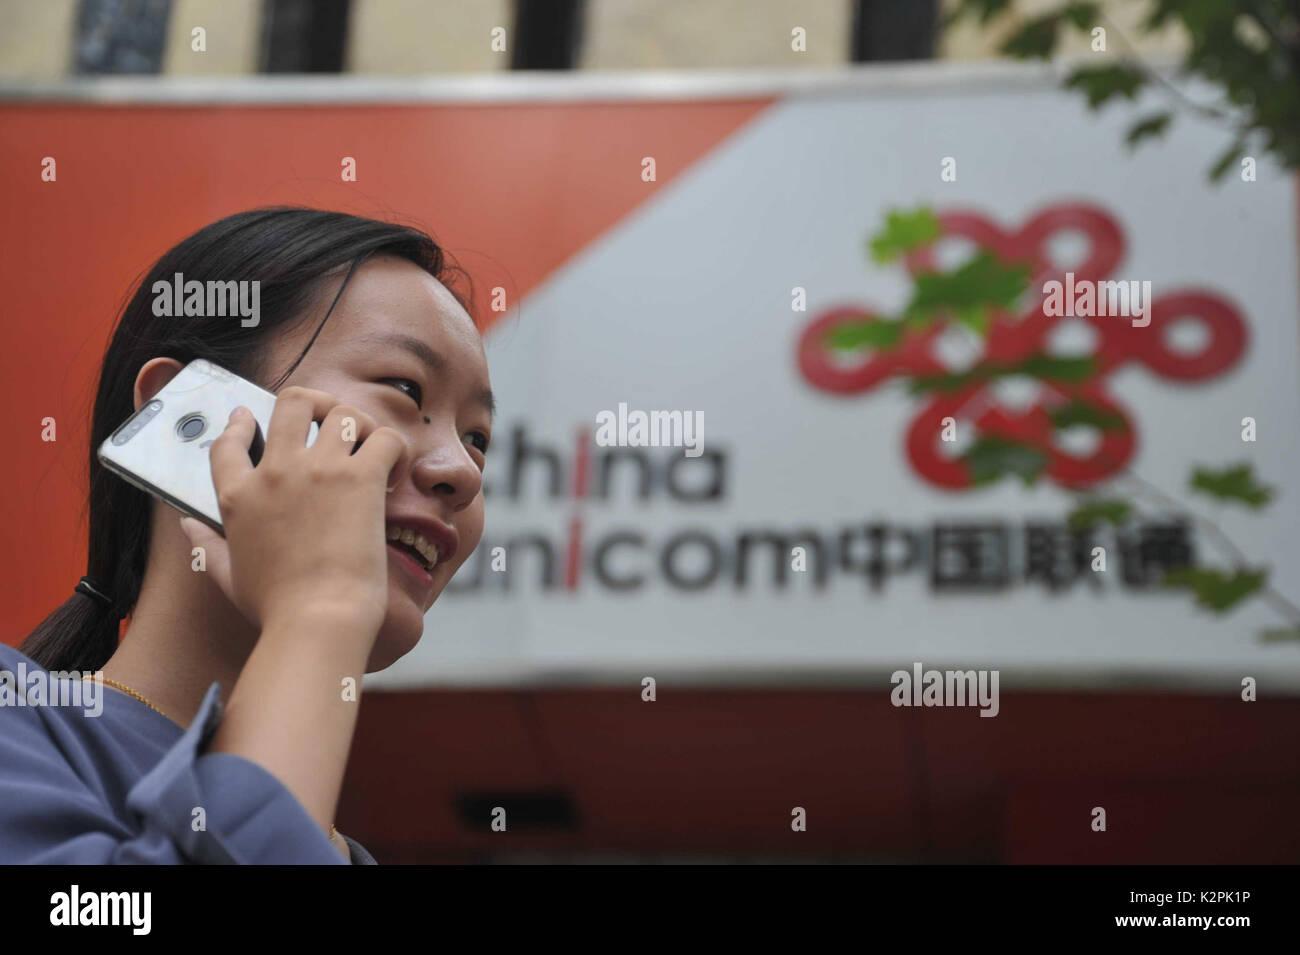 Long Distance Calls Stock Photos & Long Distance Calls Stock Images